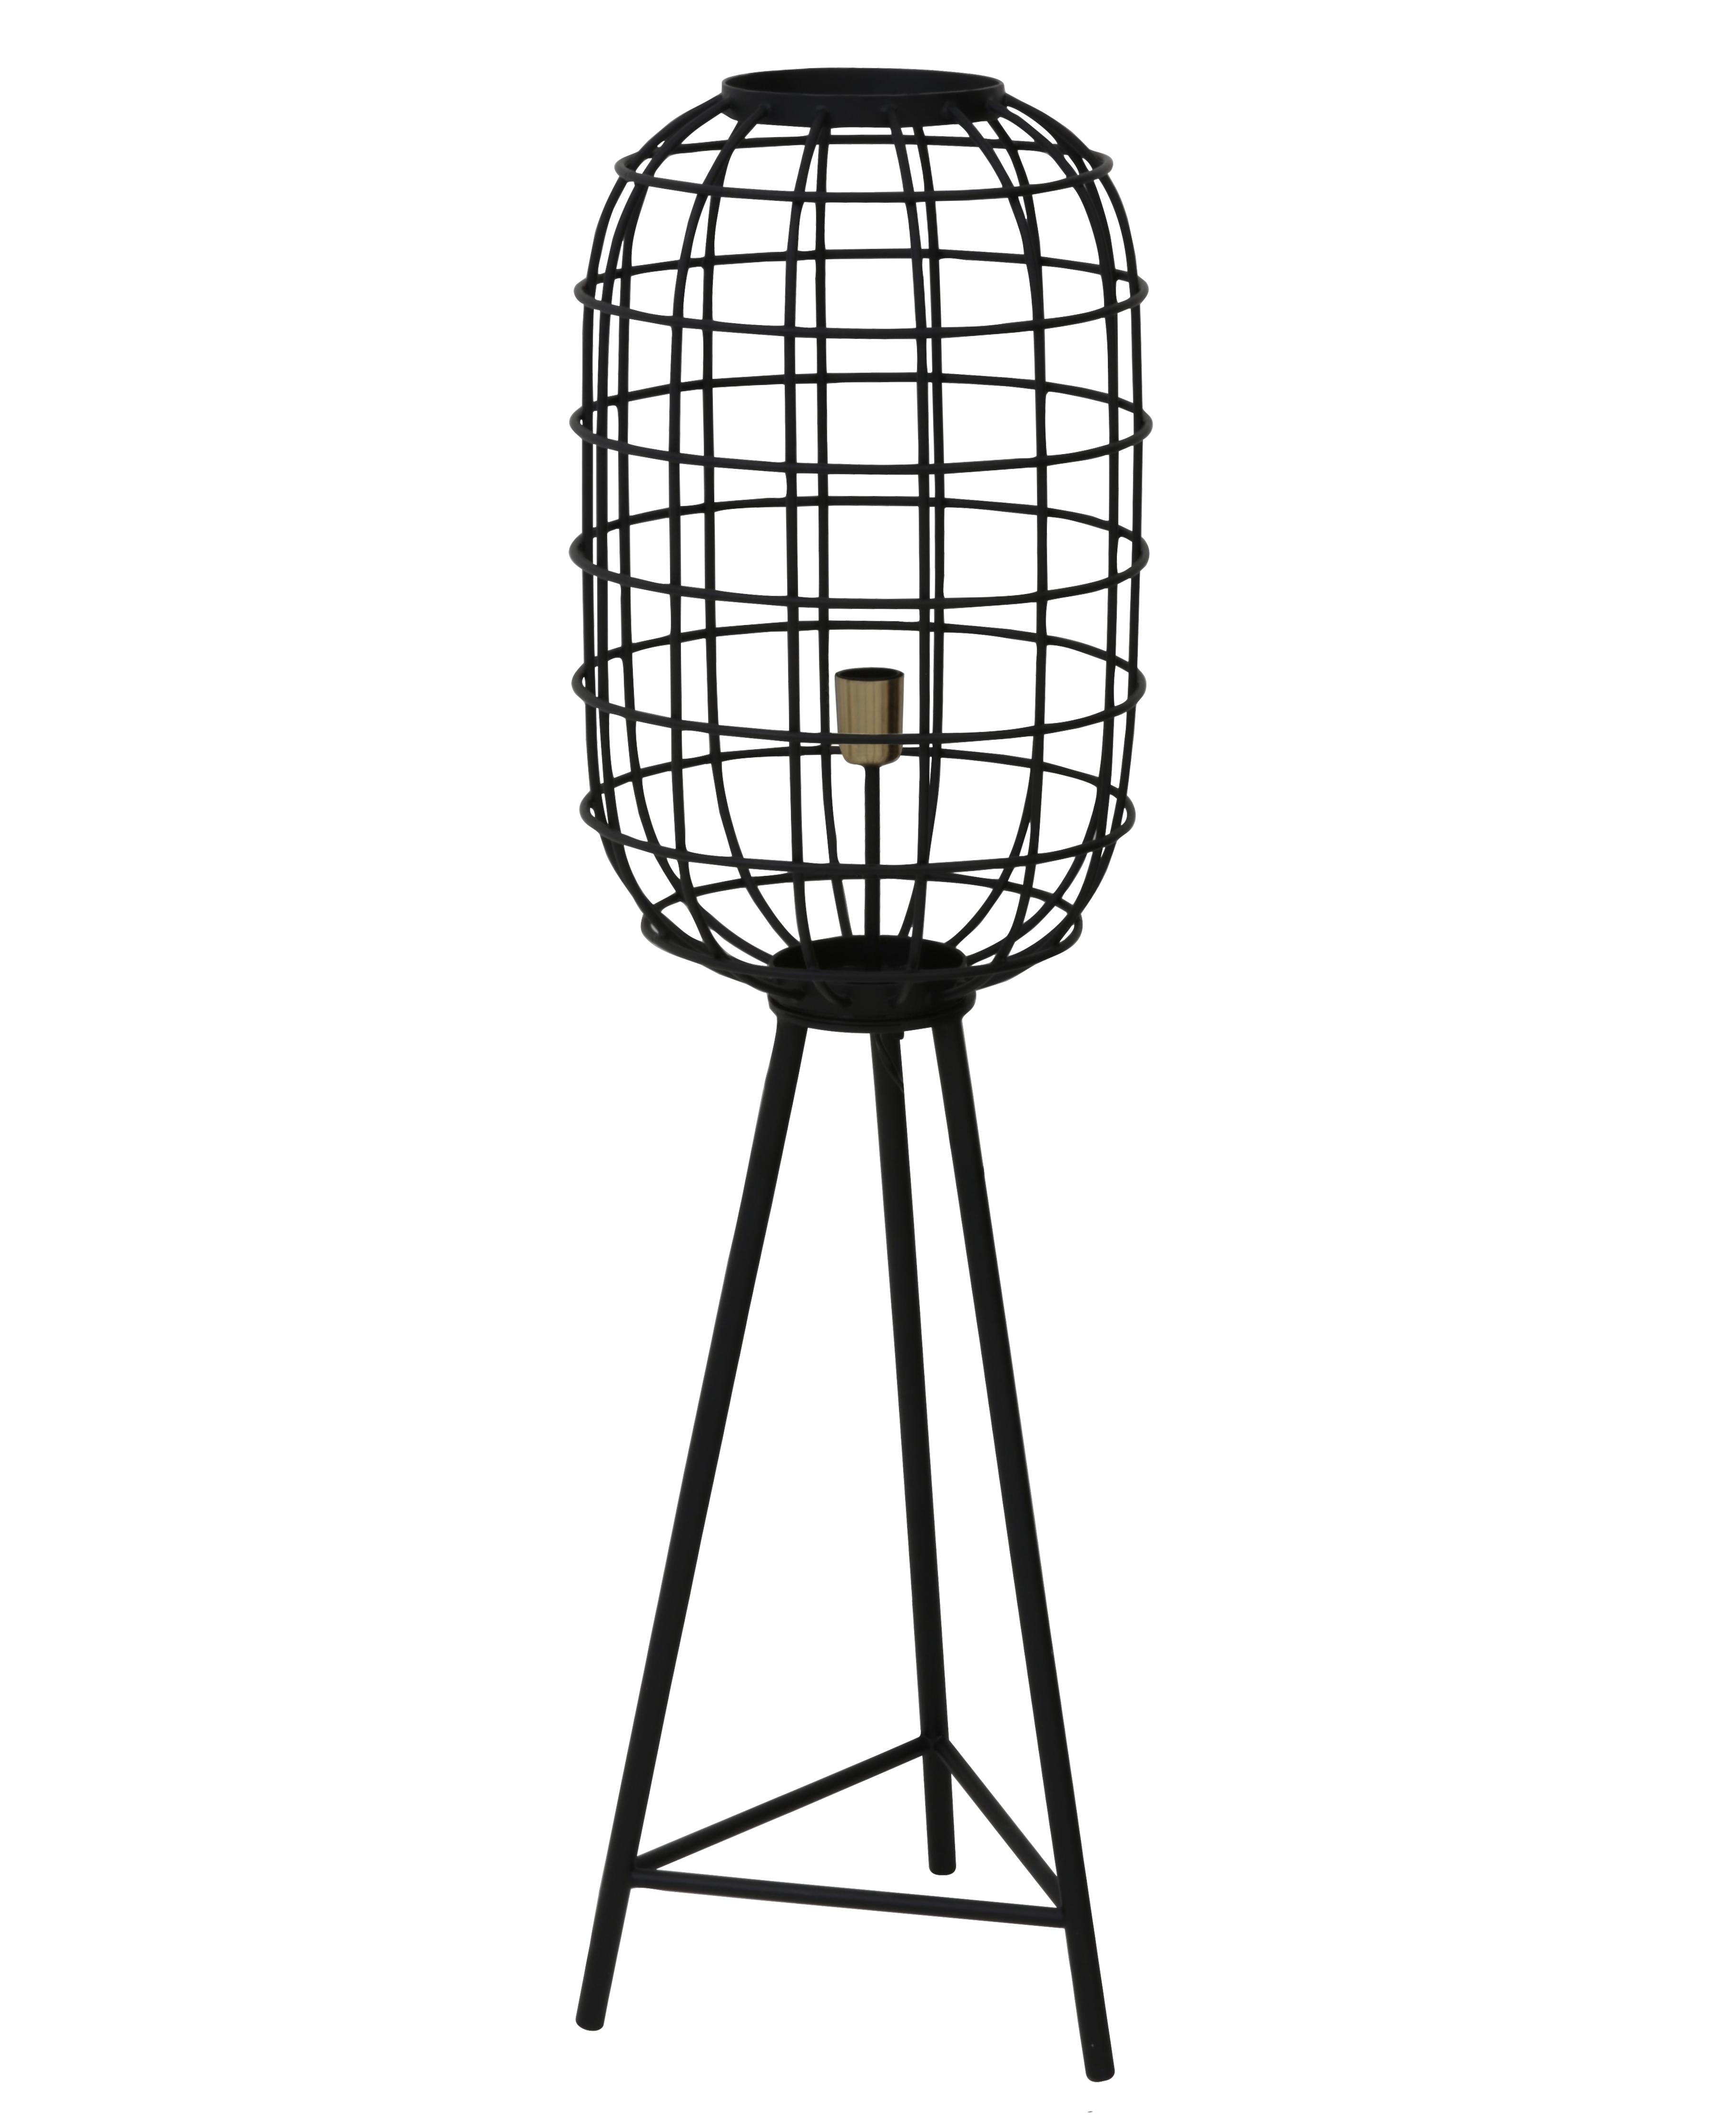 luminaire-d-appoint-noah-lampe-tendance-